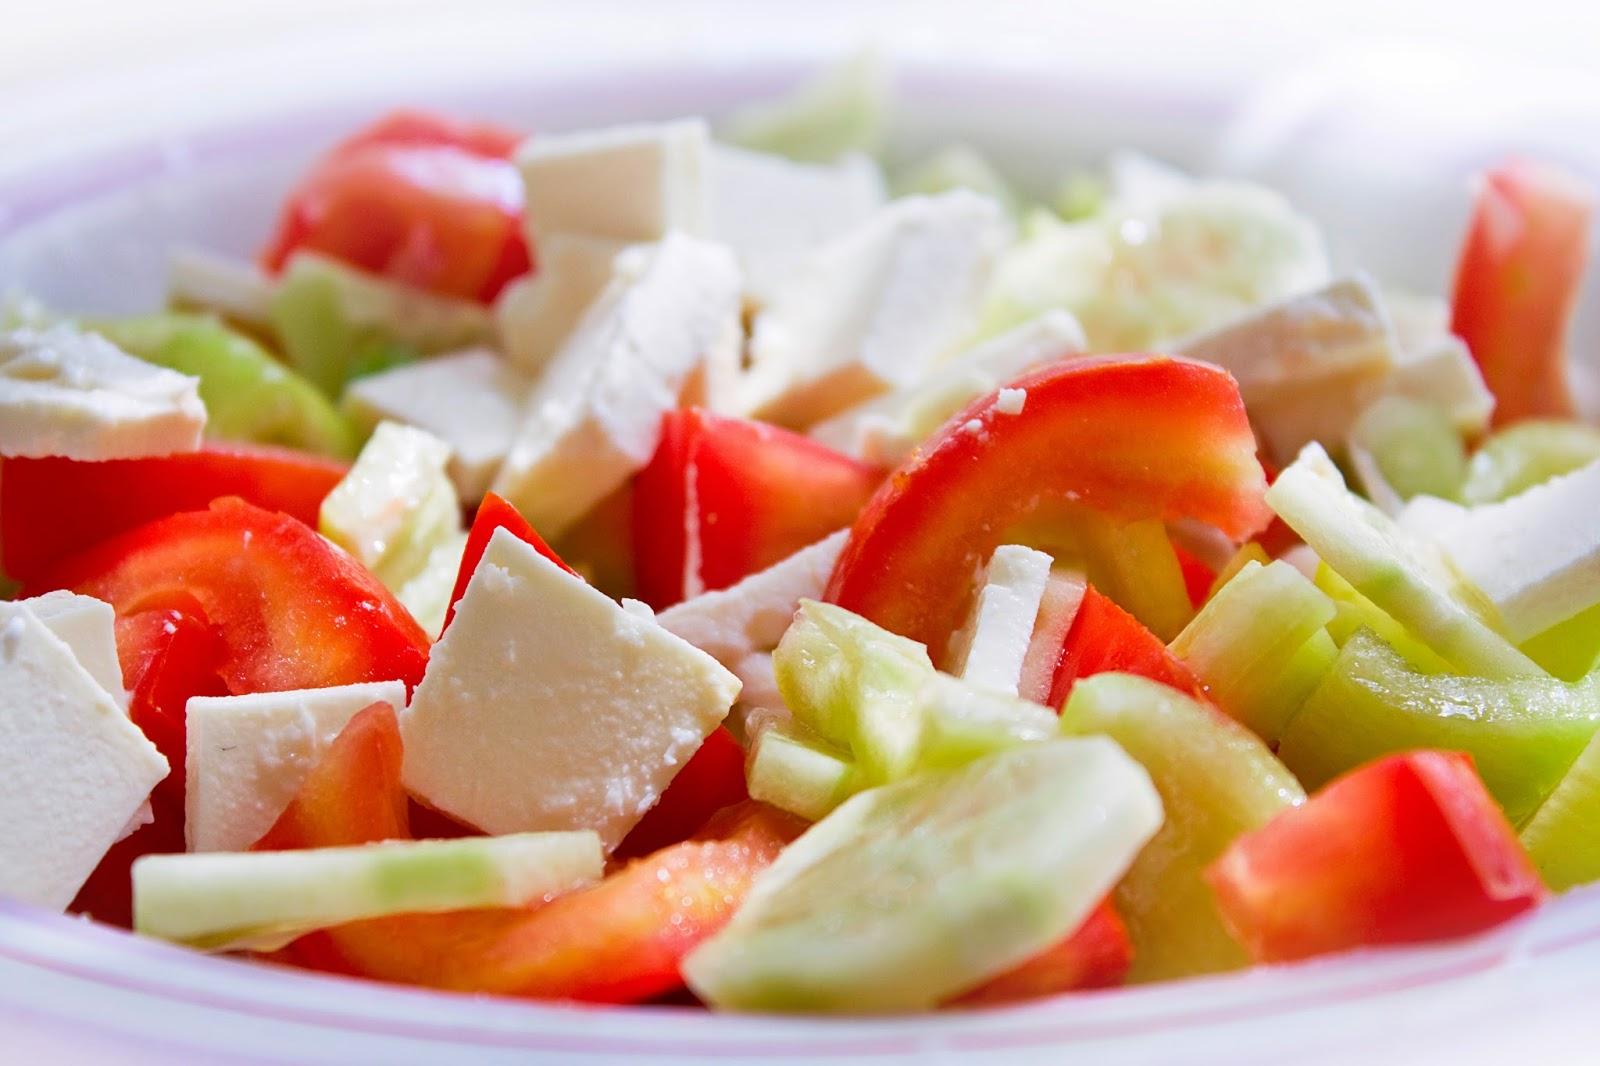 Nutrici n y deporte qu cenar despu s de hacer ejercicio - Alimentos que no engordan para cenar ...